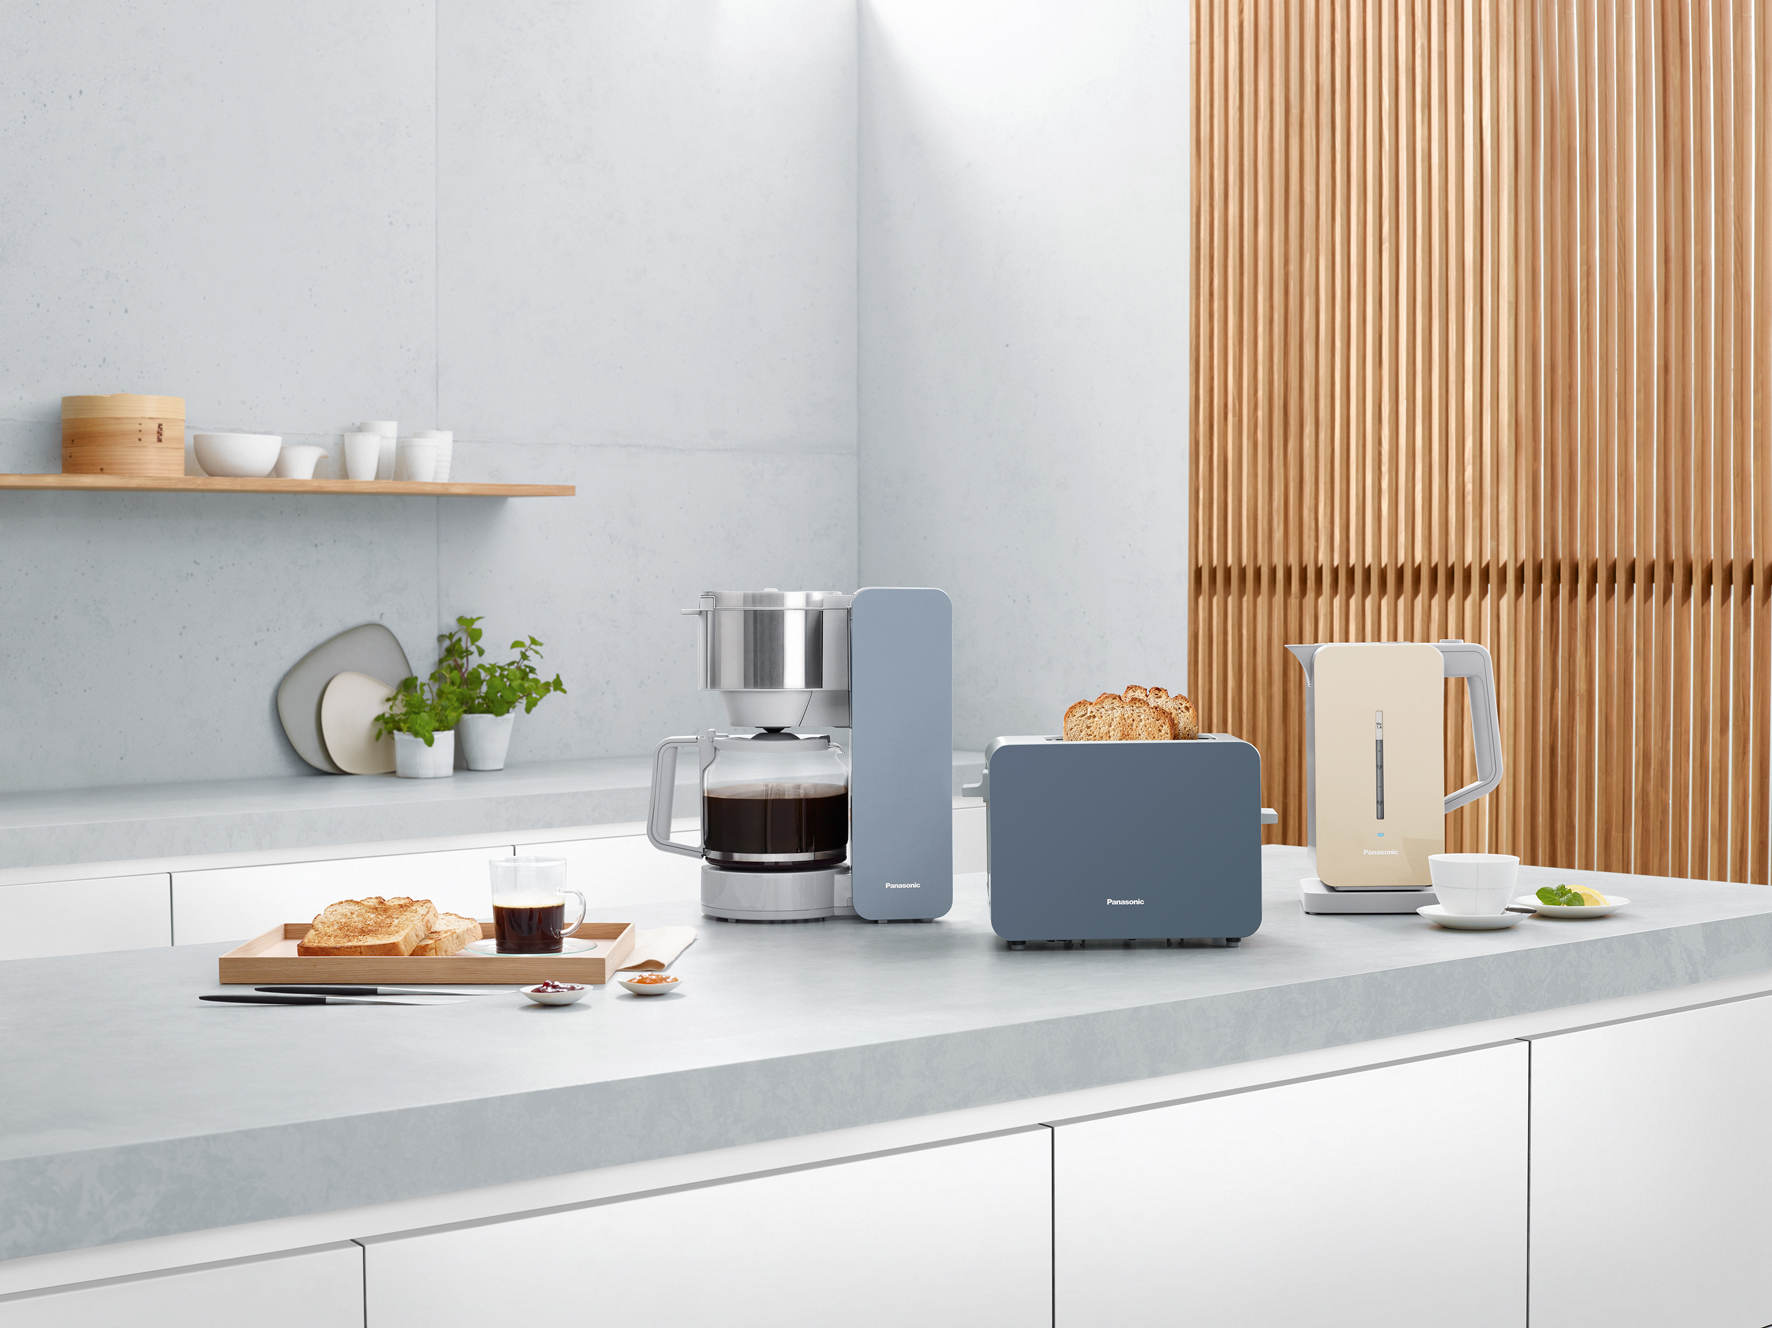 Panasonic auf der IFA 2016: Edle Design-Accessoires für die Küche ...